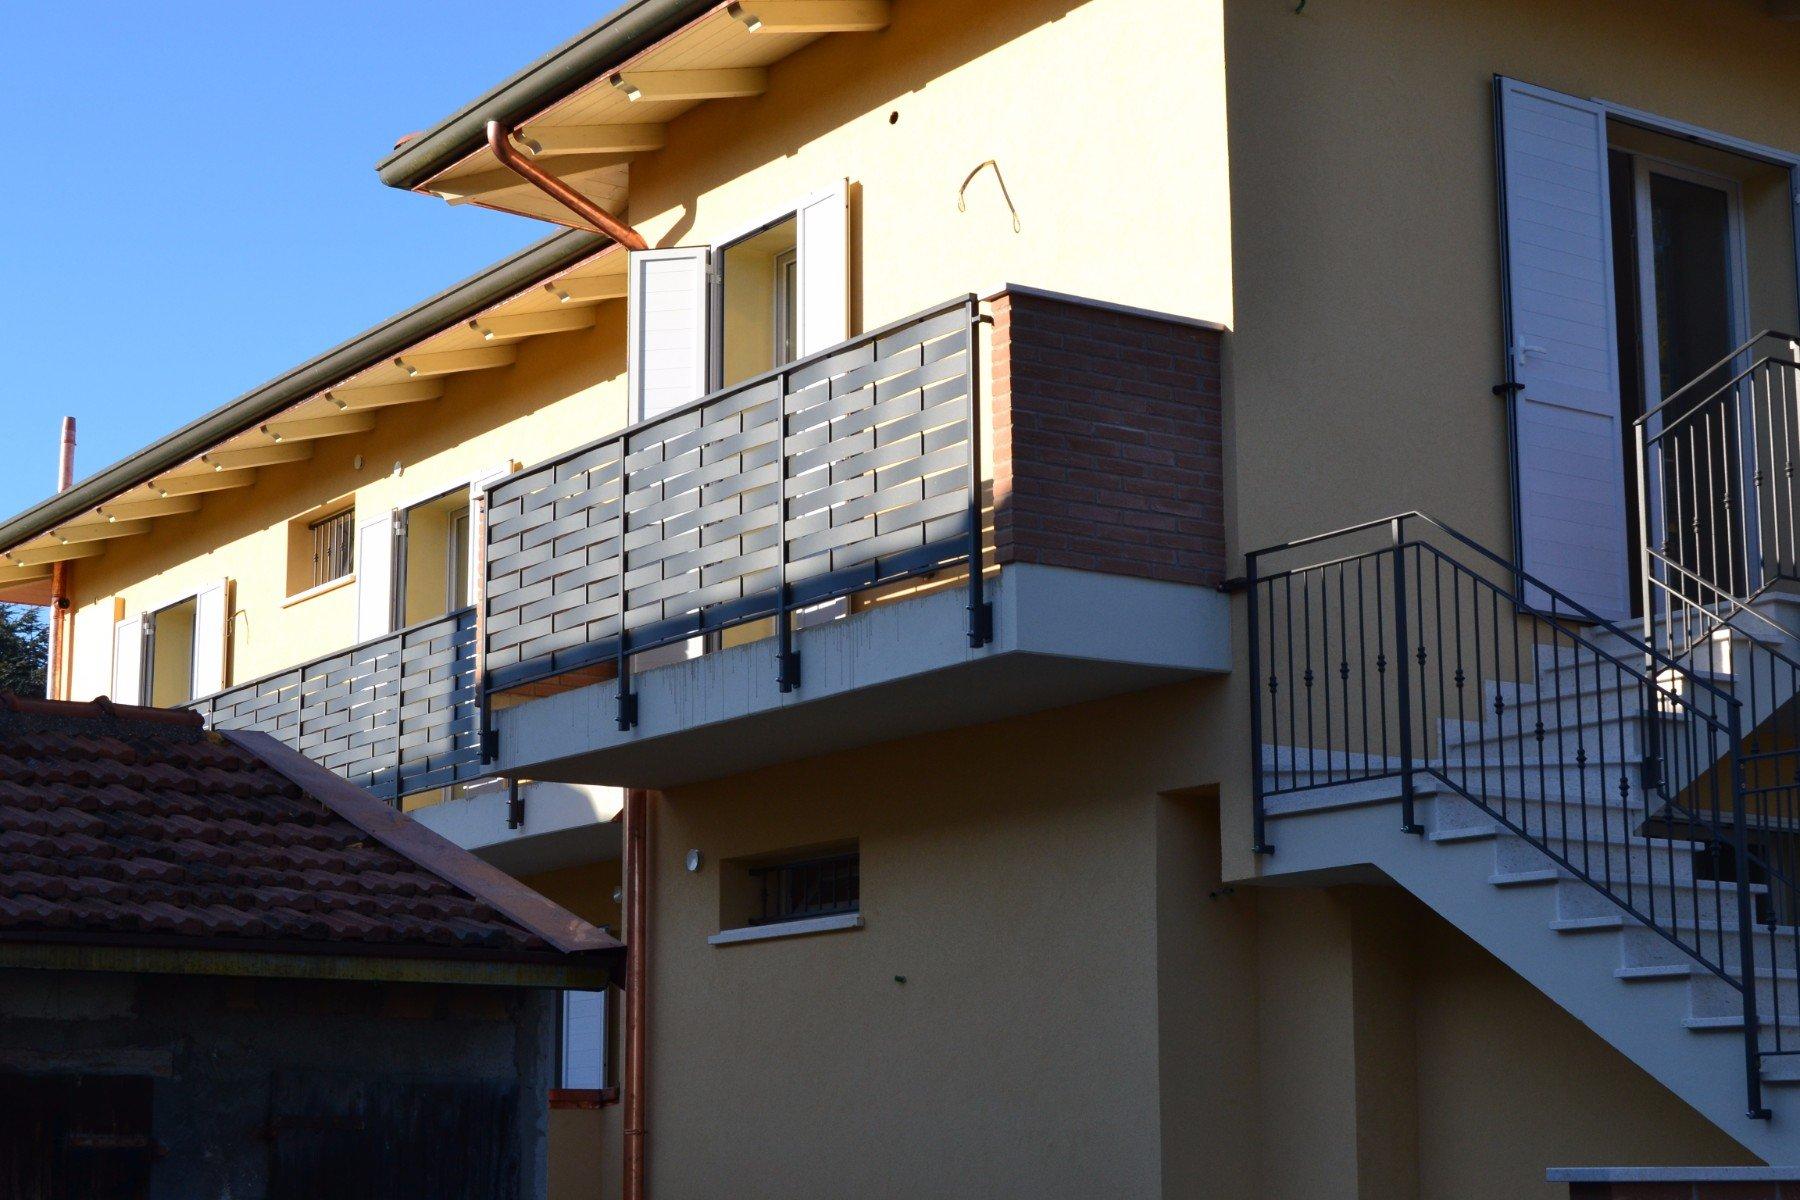 vista dei balconi e delle scale